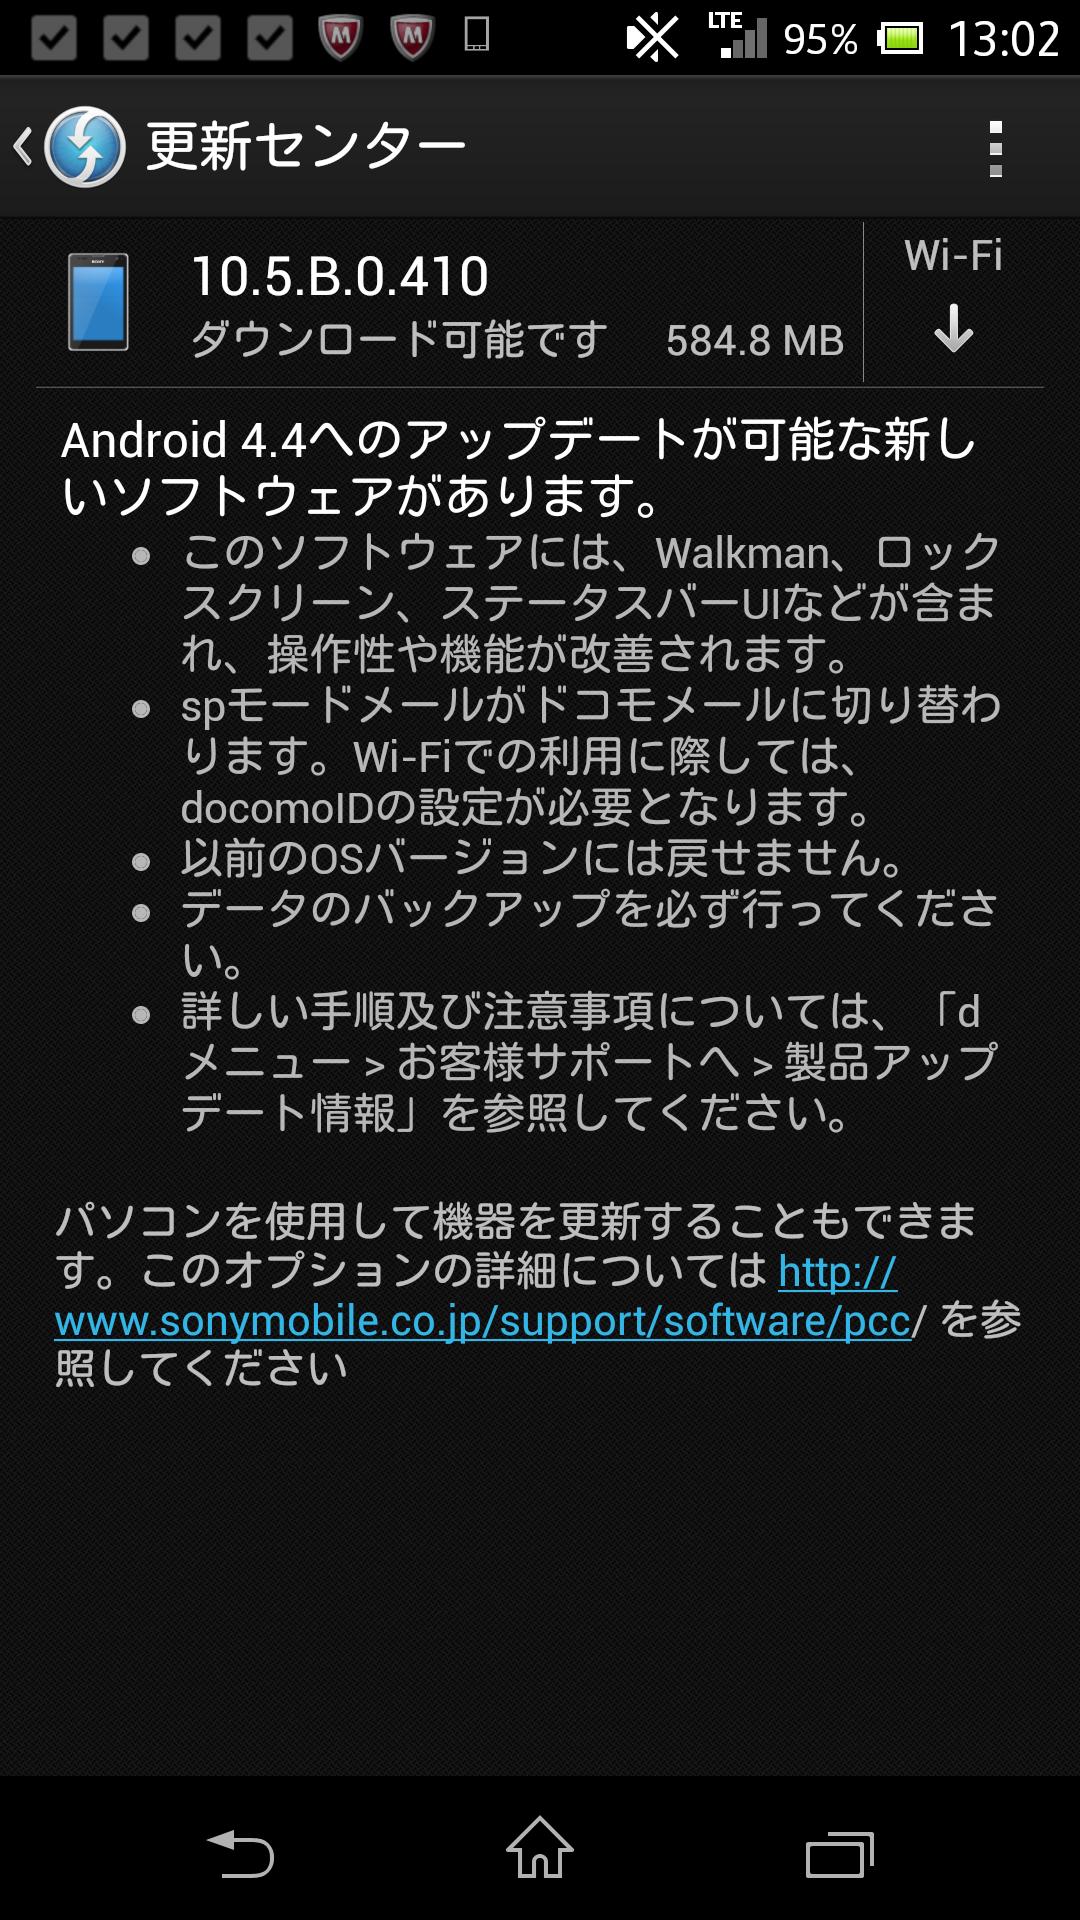 6_update2